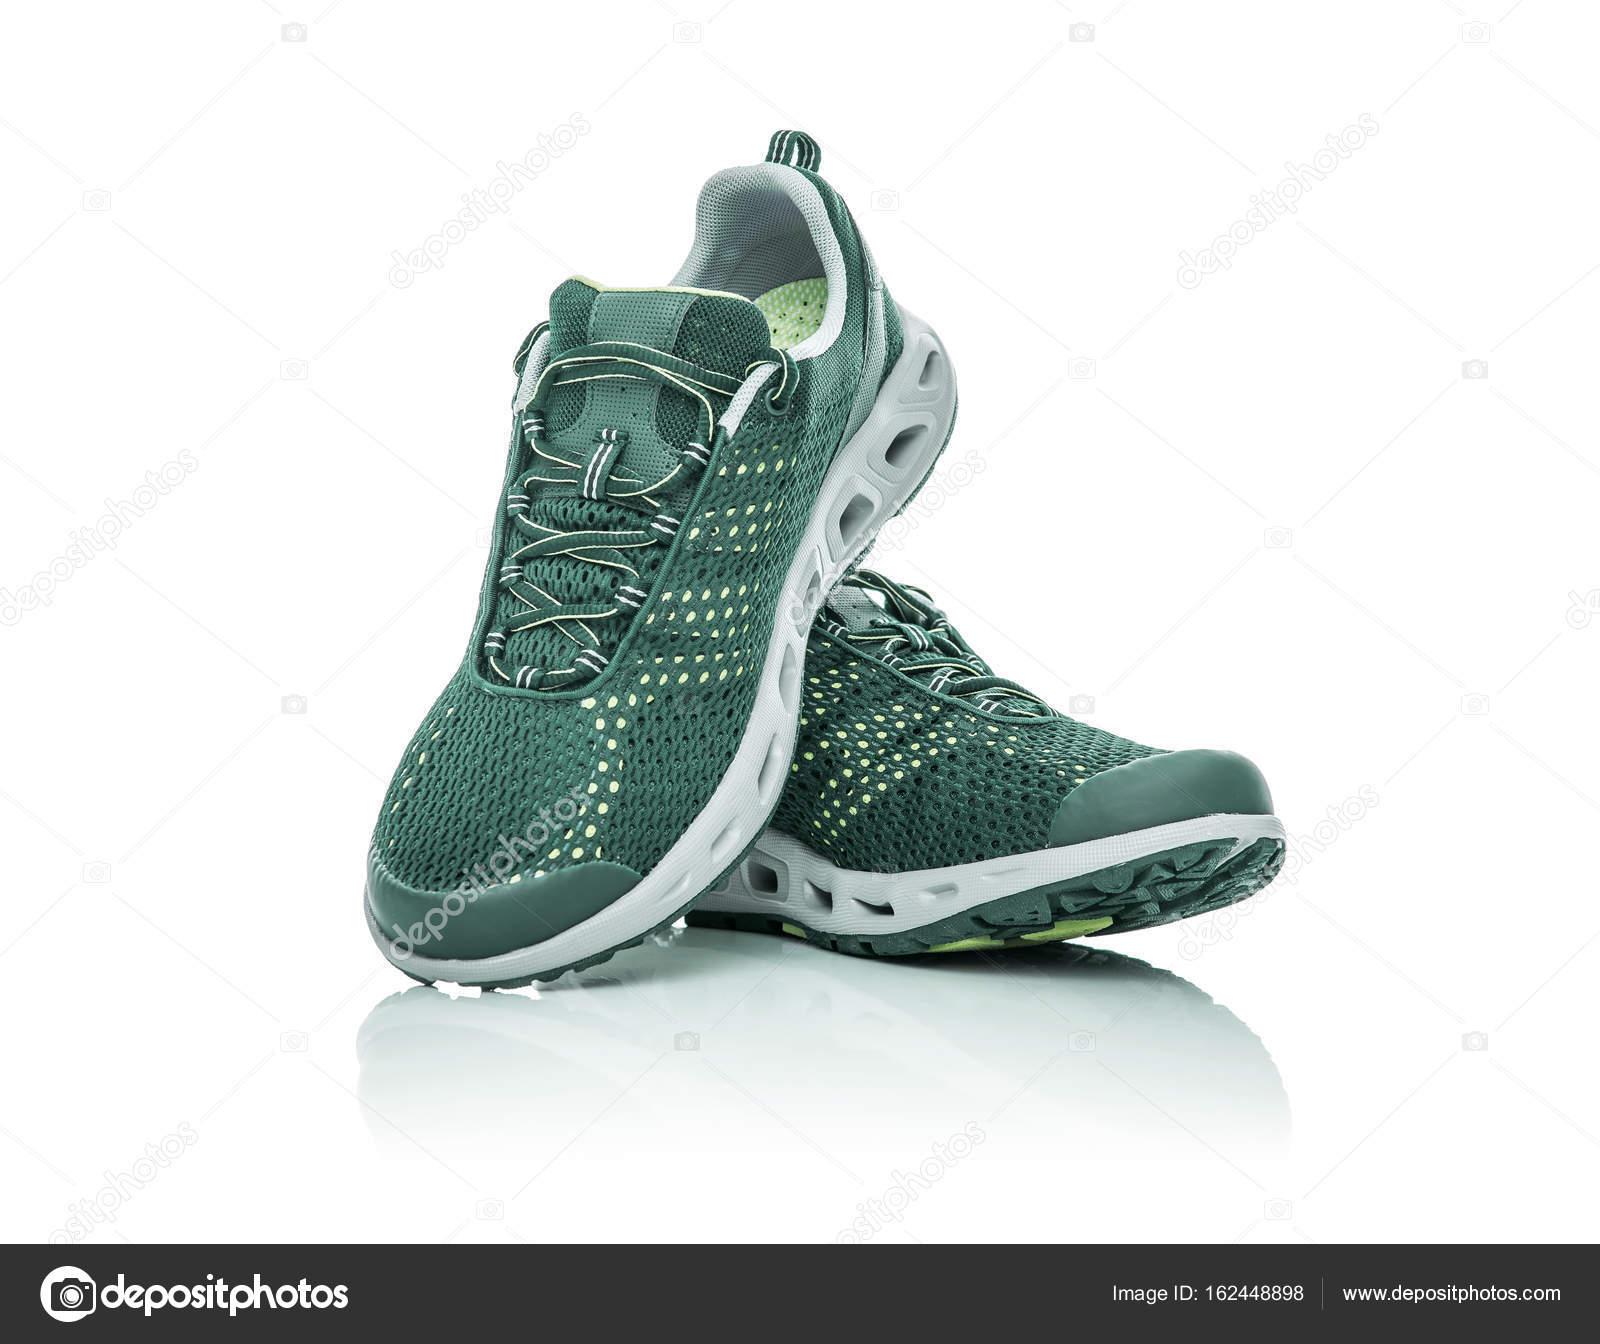 83fde2908a63c Zapatillas de deporte sin marca aislados sobre fondo blanco — Fotos de Stock